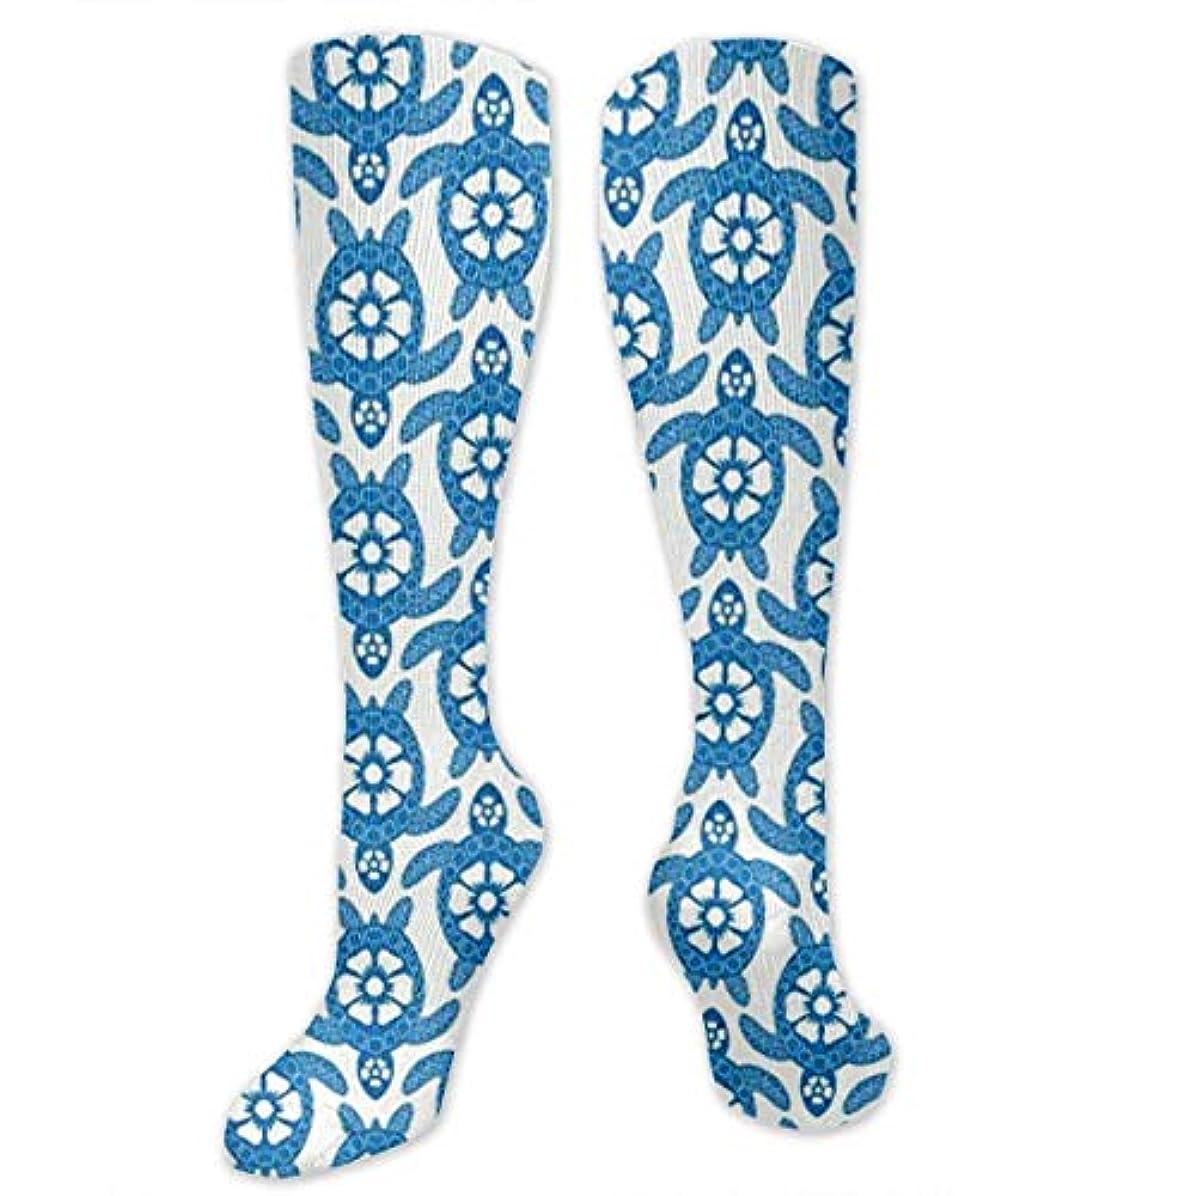 睡眠立証する周囲靴下,ストッキング,野生のジョーカー,実際,秋の本質,冬必須,サマーウェア&RBXAA Sea of Turtles Socks Women's Winter Cotton Long Tube Socks Knee High...